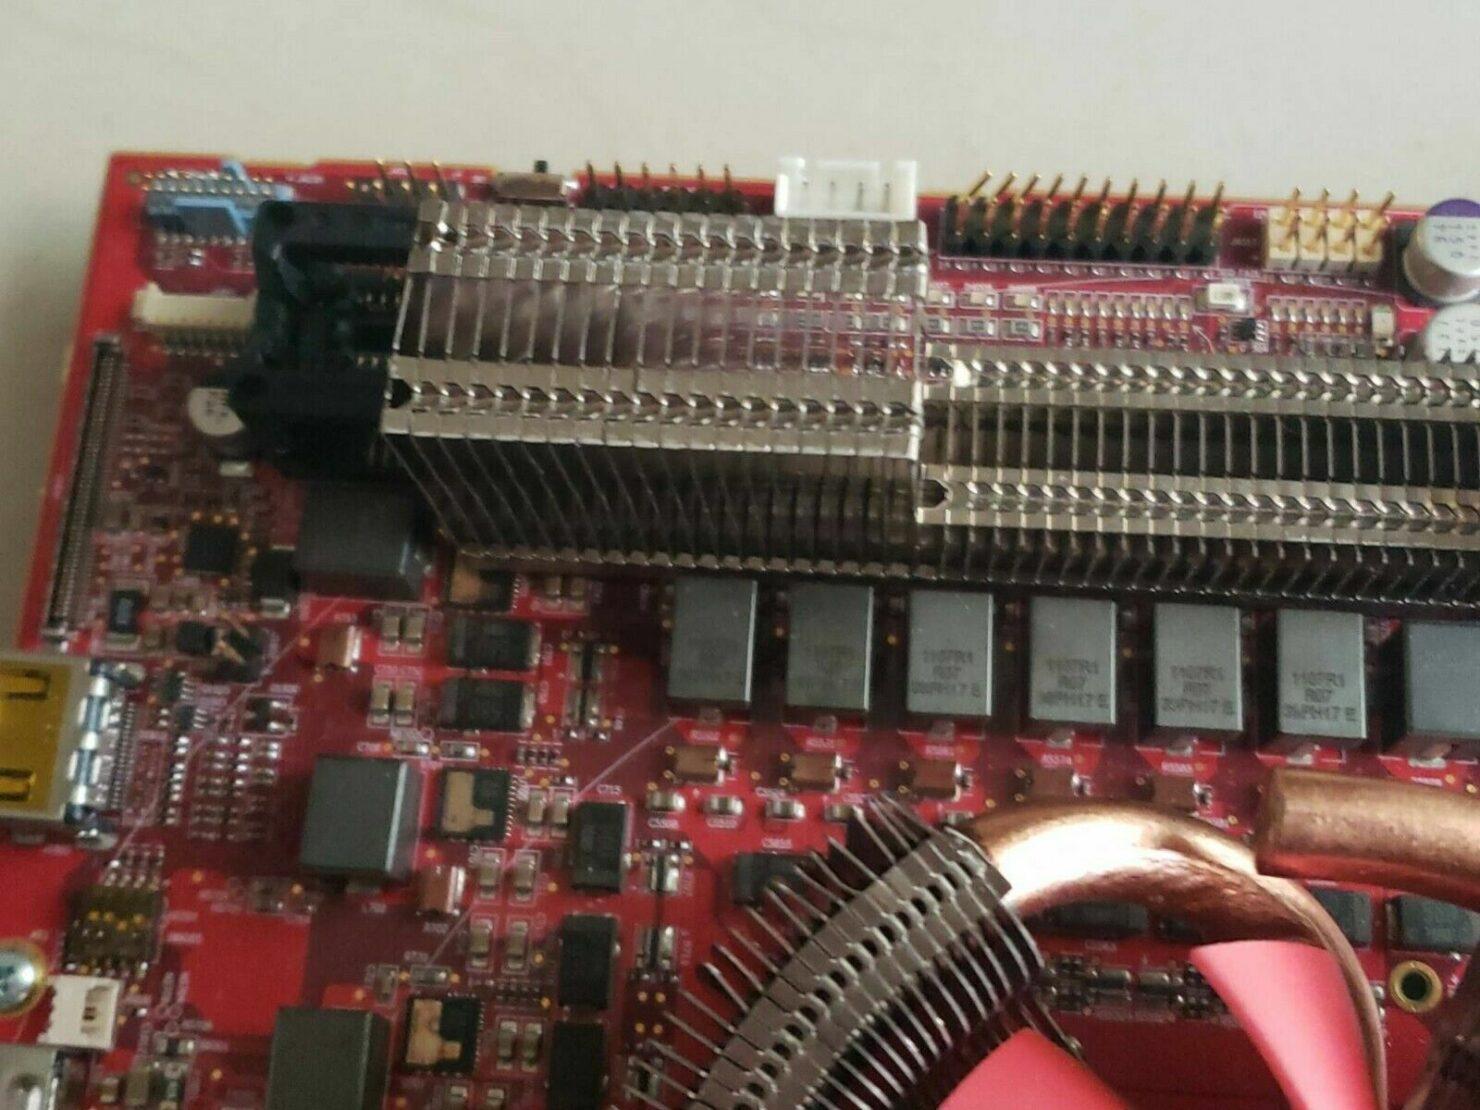 amd-radeon-rx-vega-12-gpu-engineering-board_5